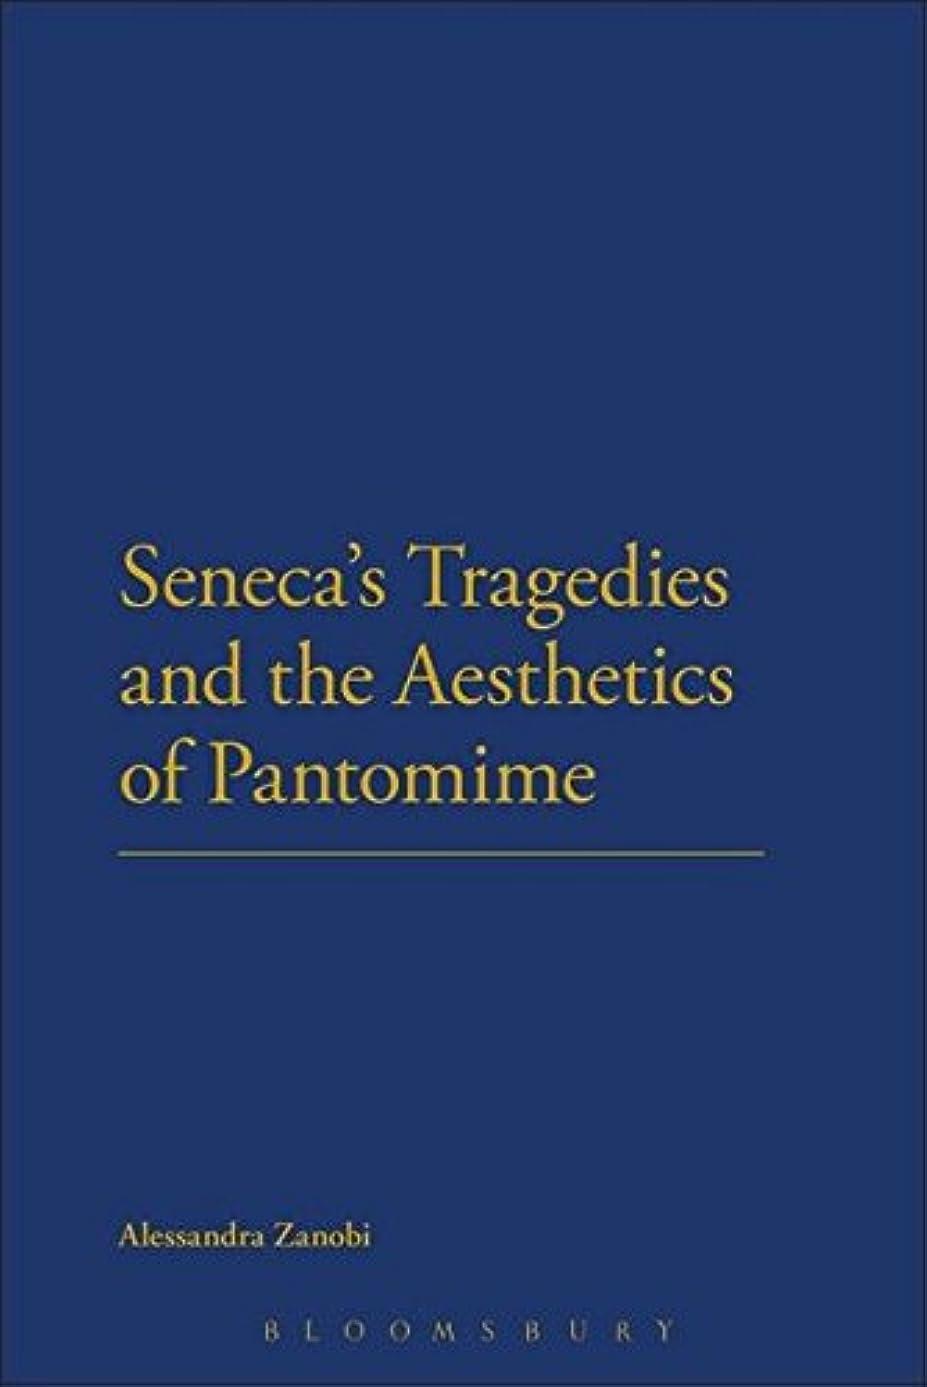 傾向があるパーク退屈させるSeneca's Tragedies and the Aesthetics of Pantomime